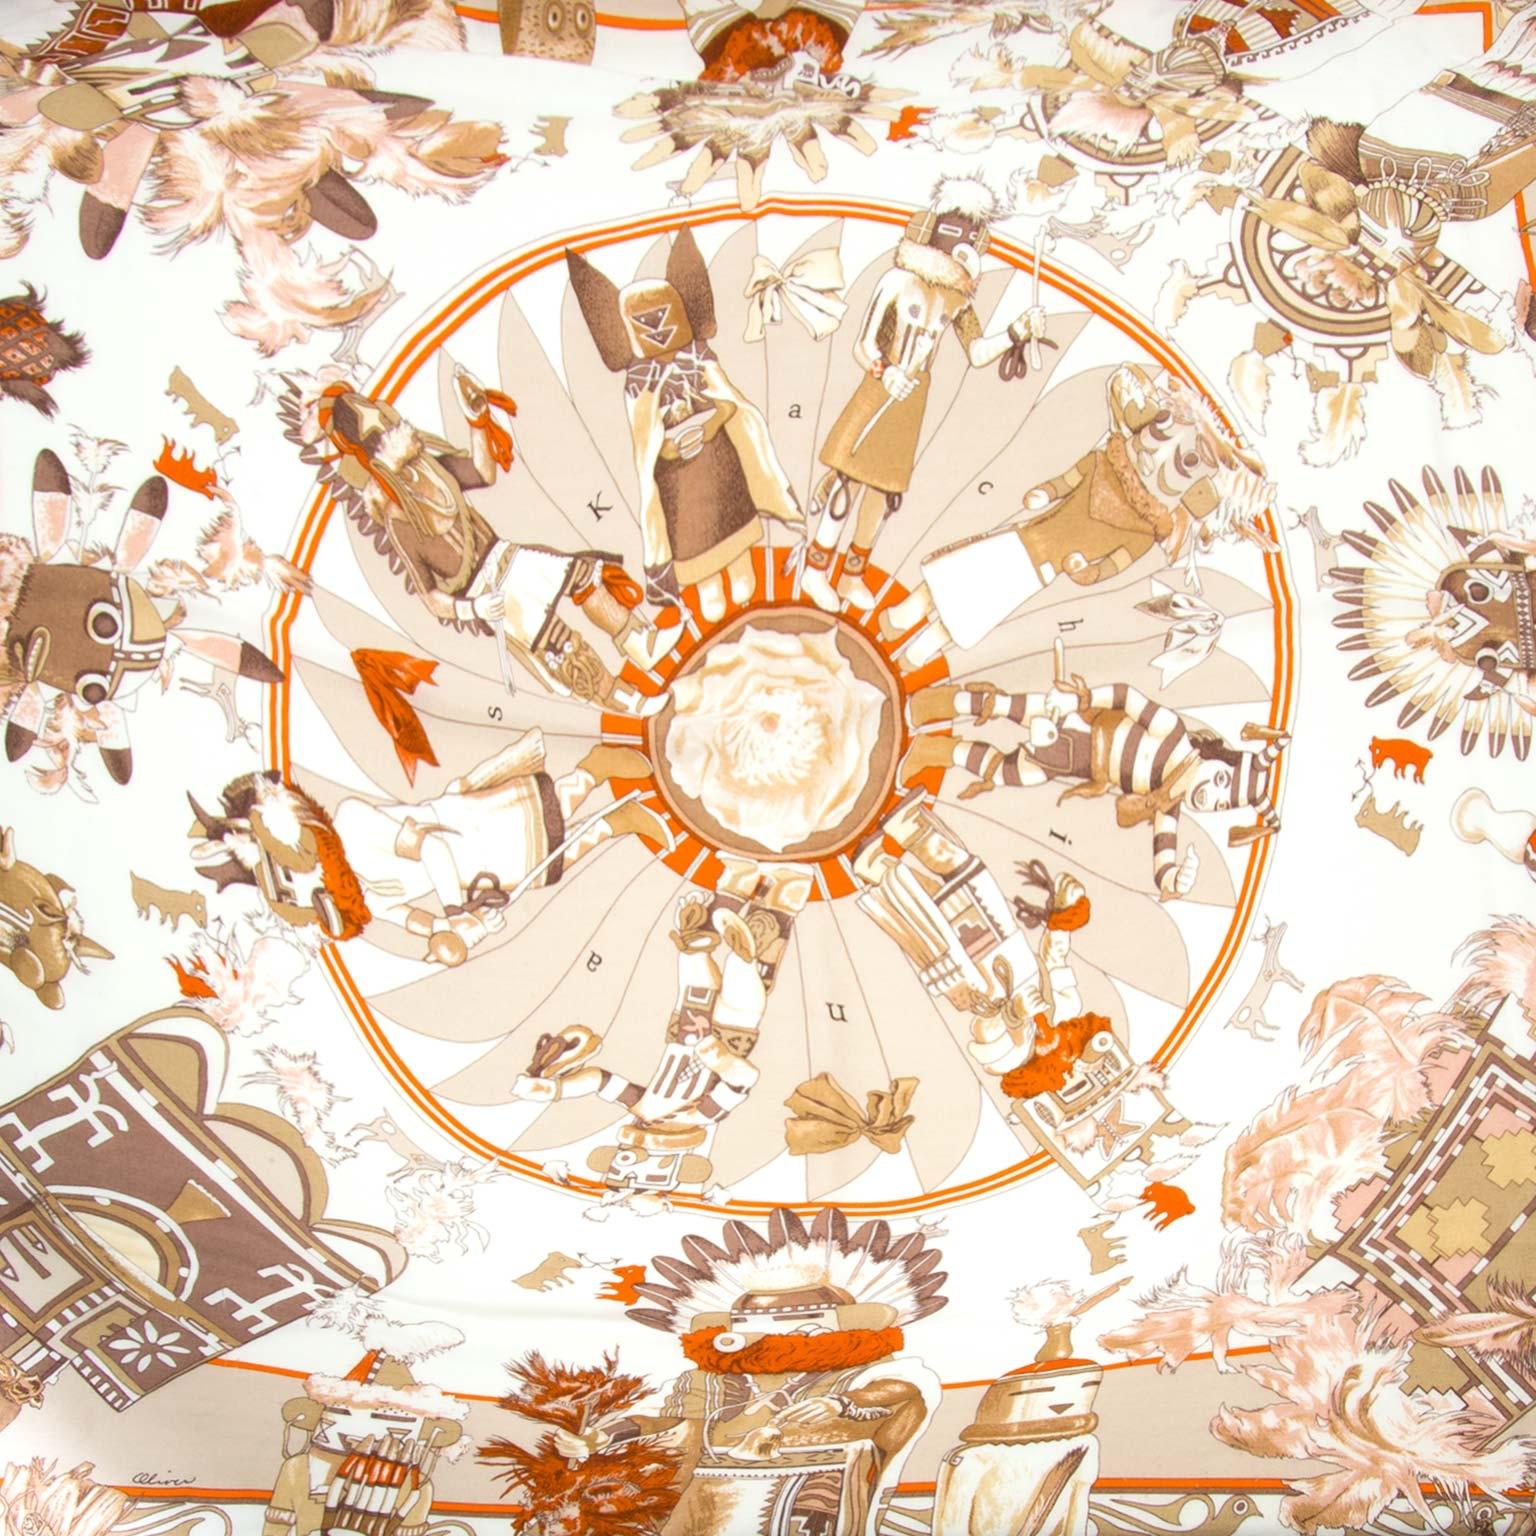 Achetez vos foulards shawl chez Labellov à Anvers, Belgique.